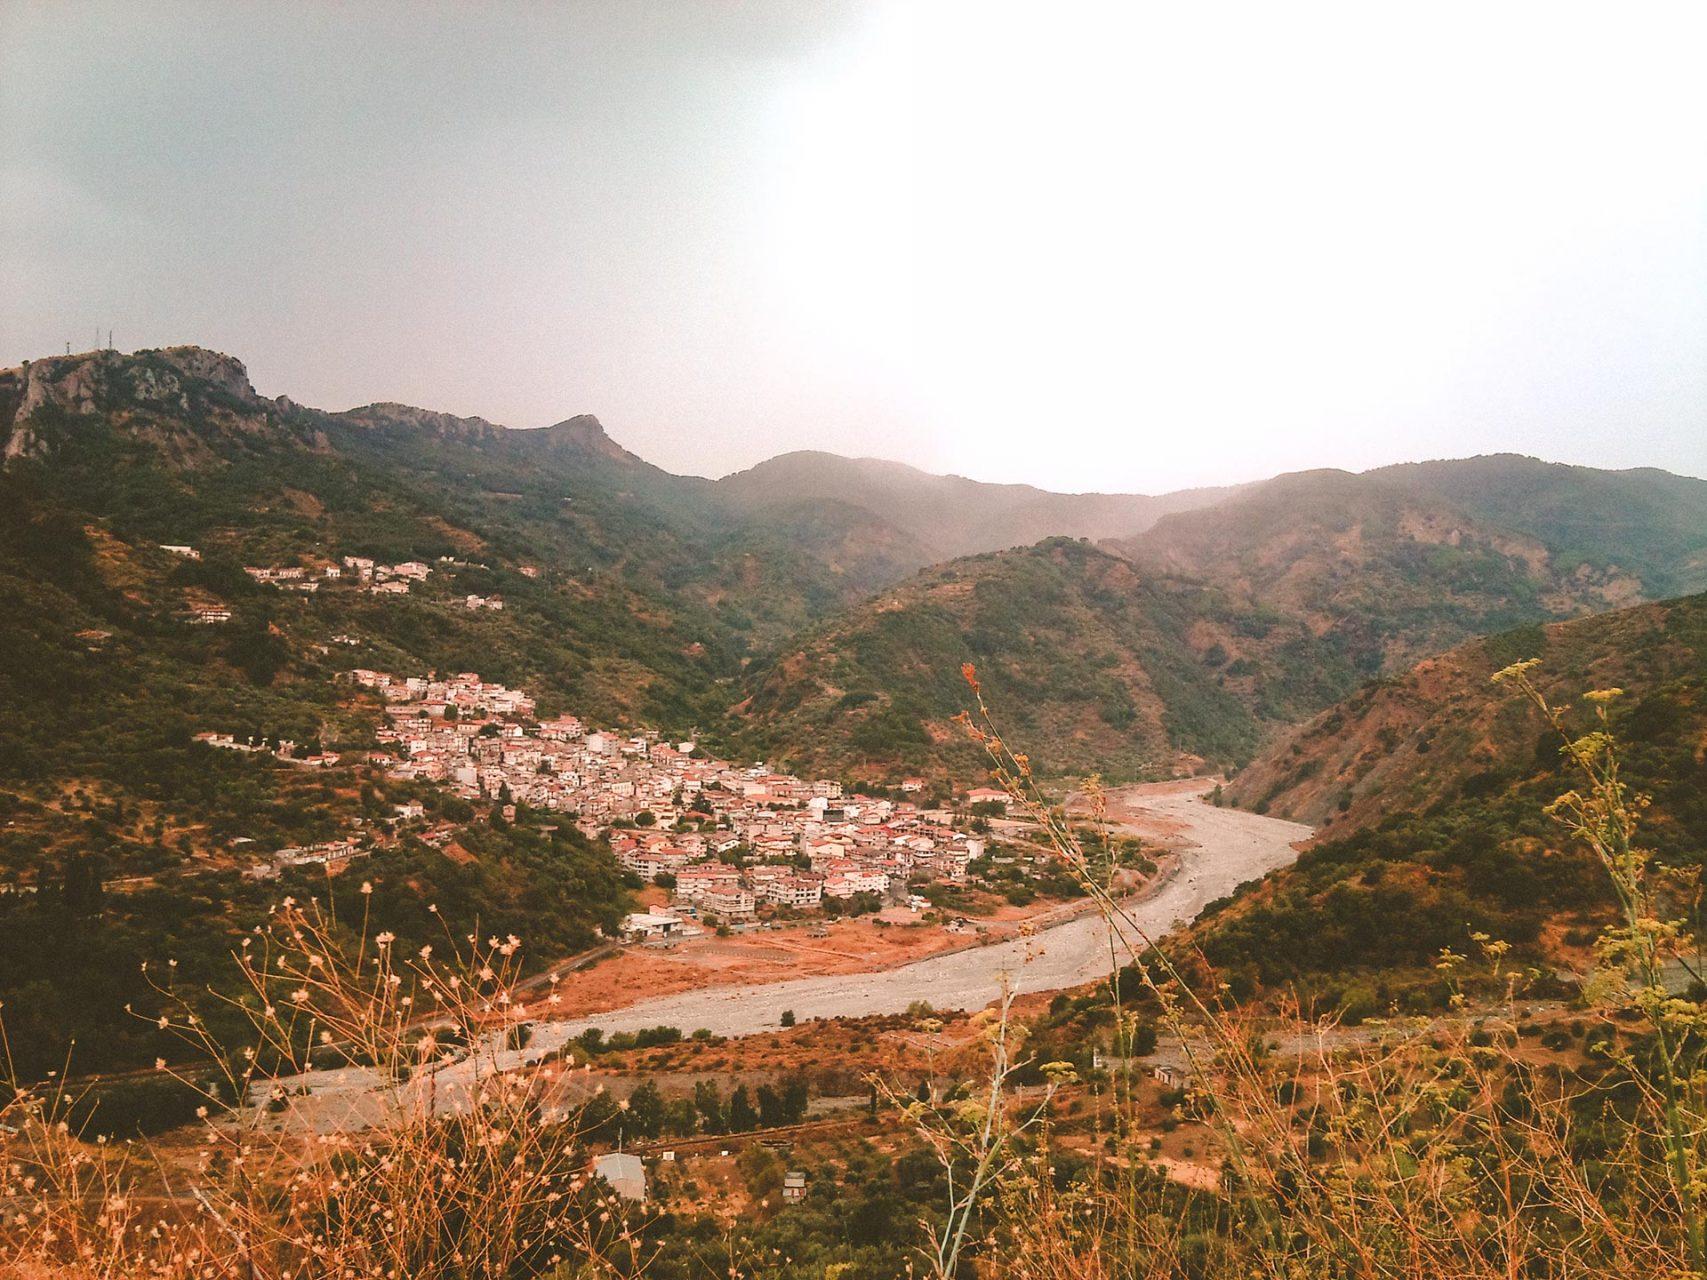 Bivongi